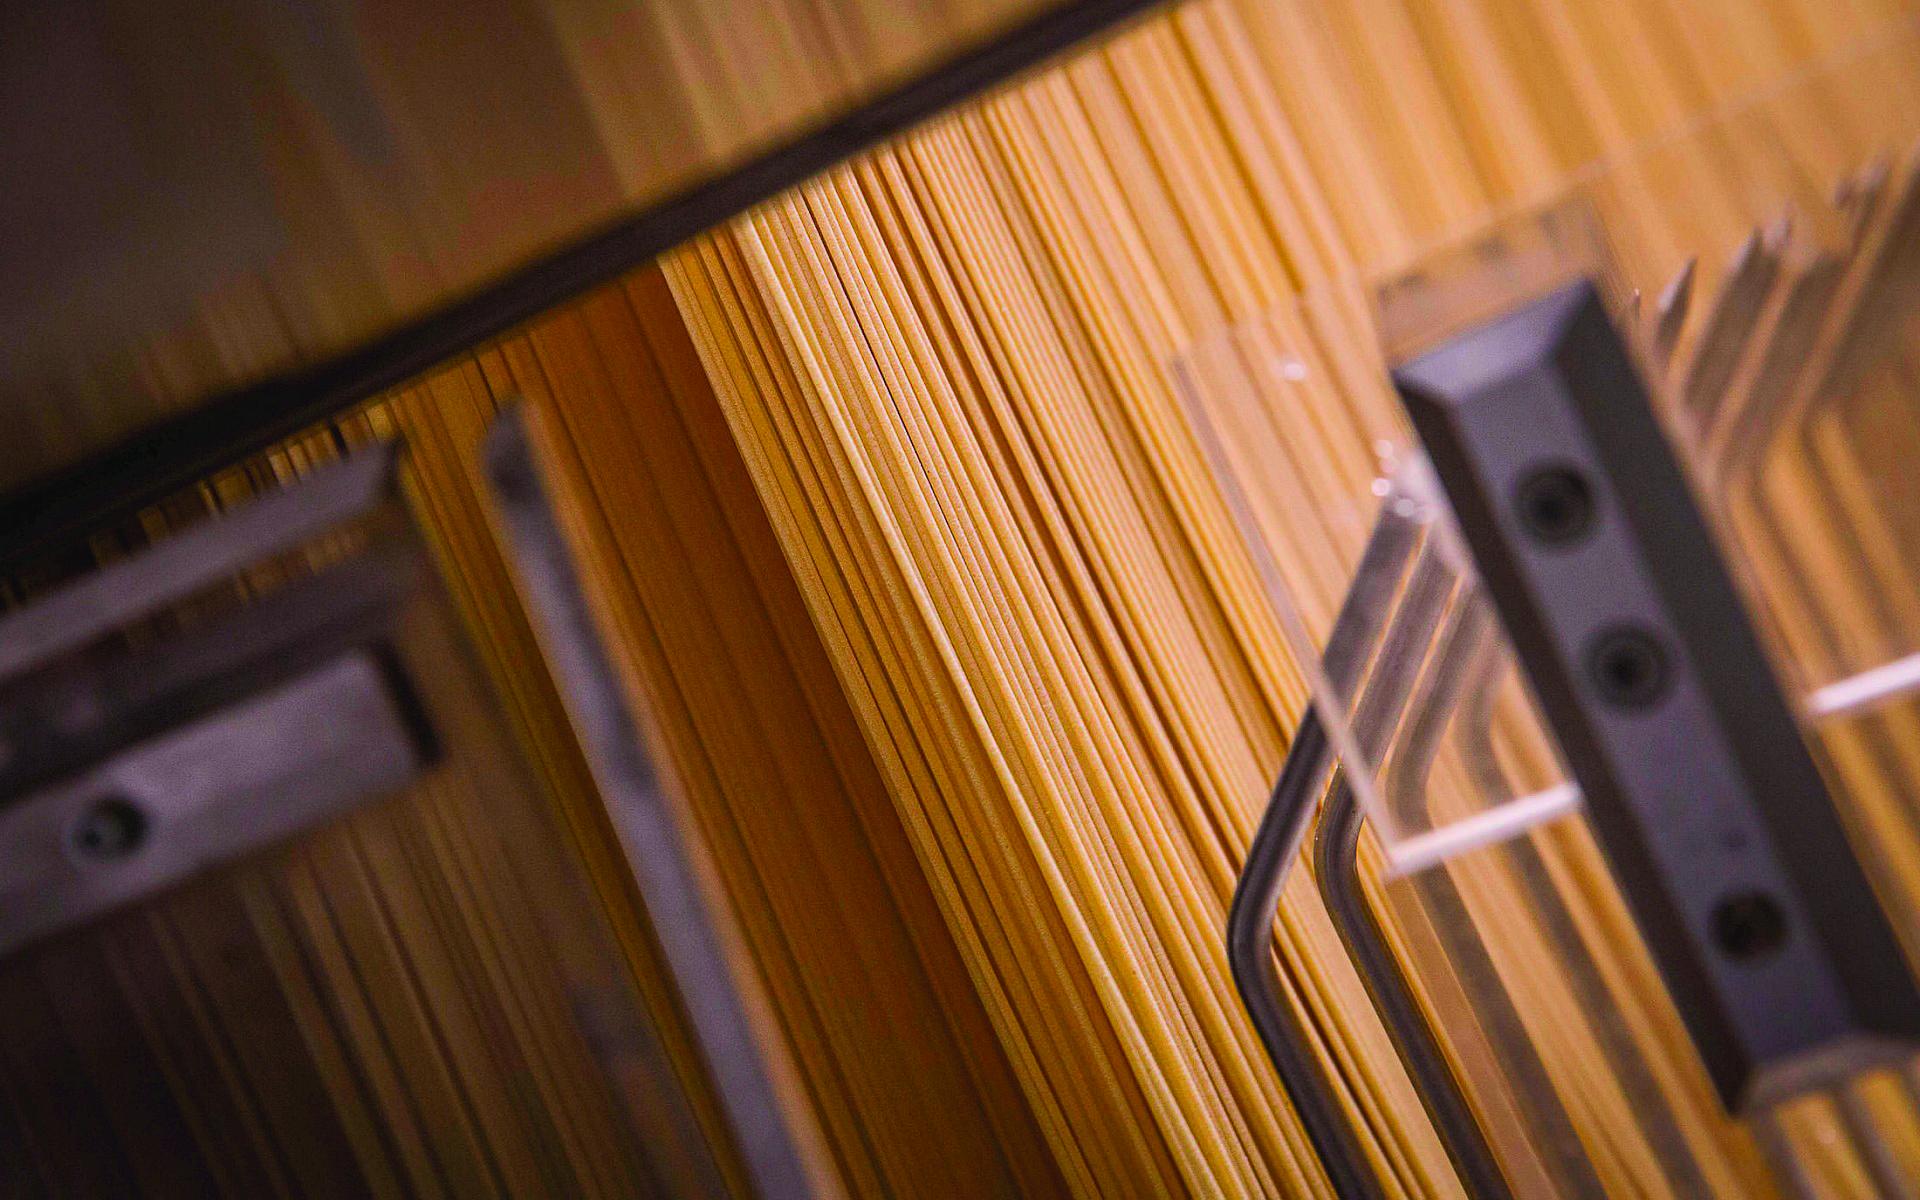 Migliori prodotti italiani: Pastificio Felicetti tra le 100 Eccellenze Italiane per Forbes